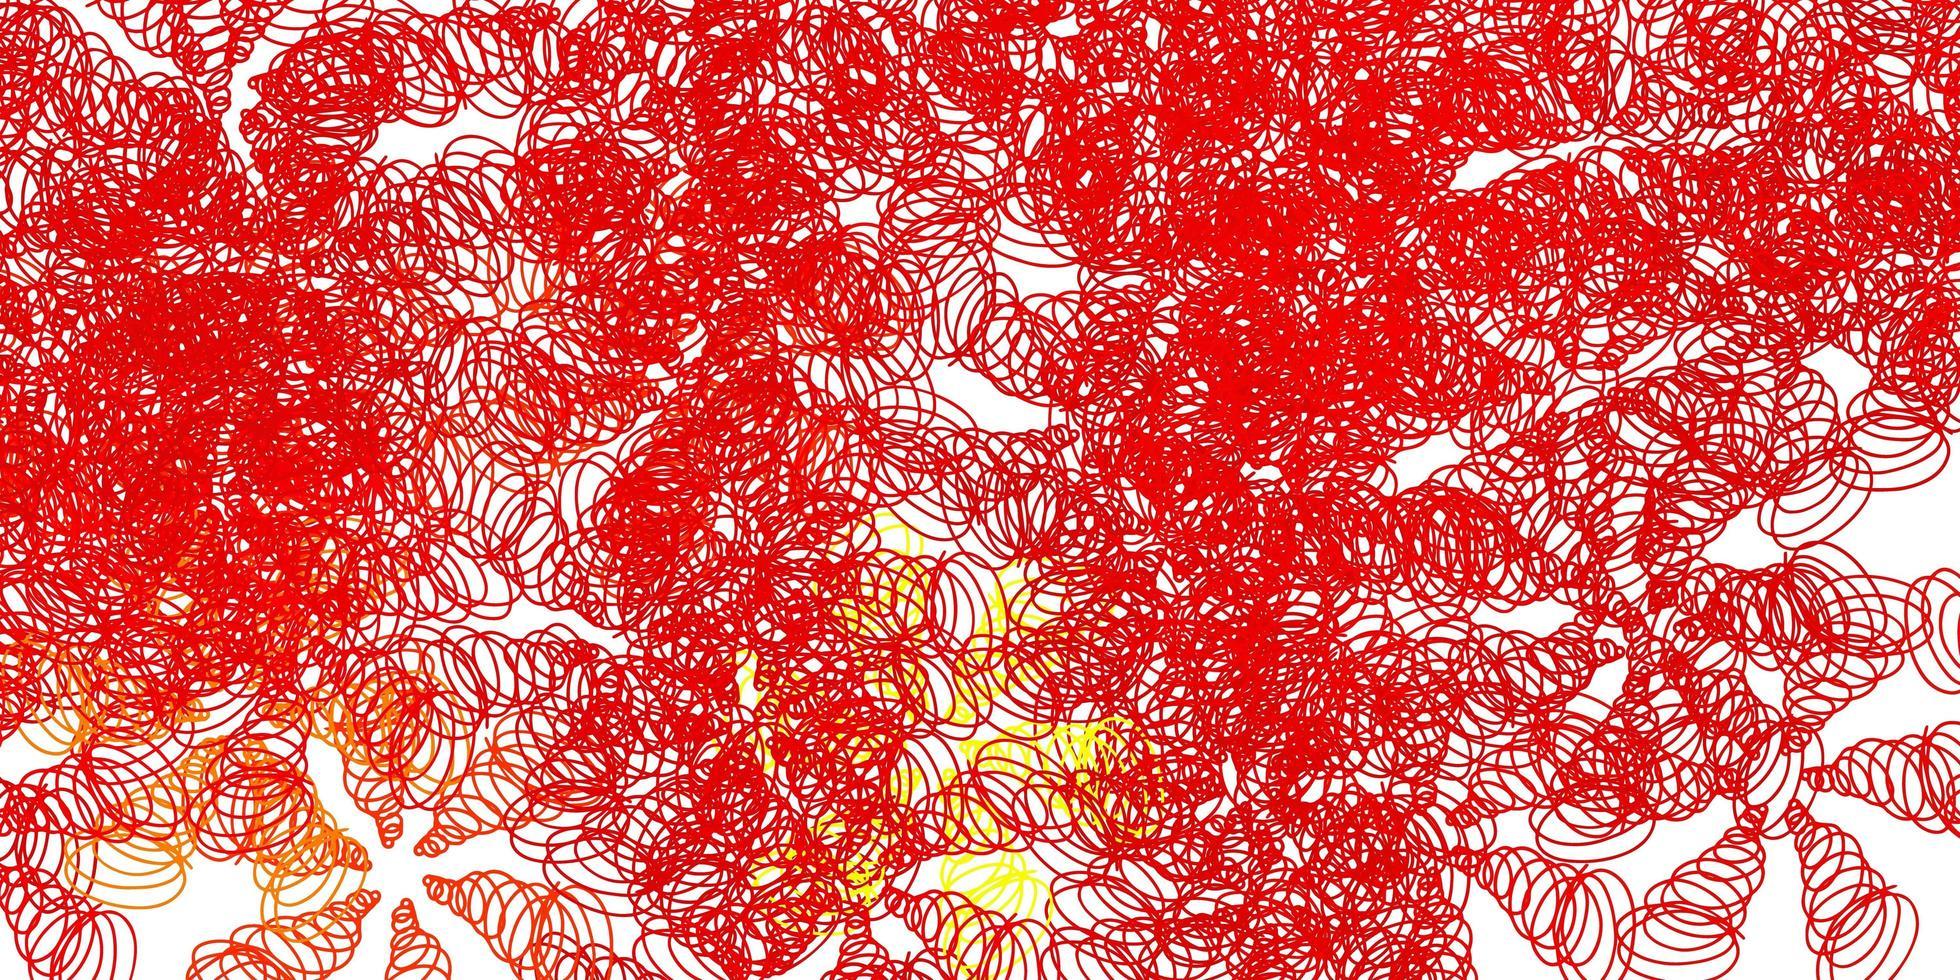 lichtgroene, rode vectorachtergrond met bogen. vector